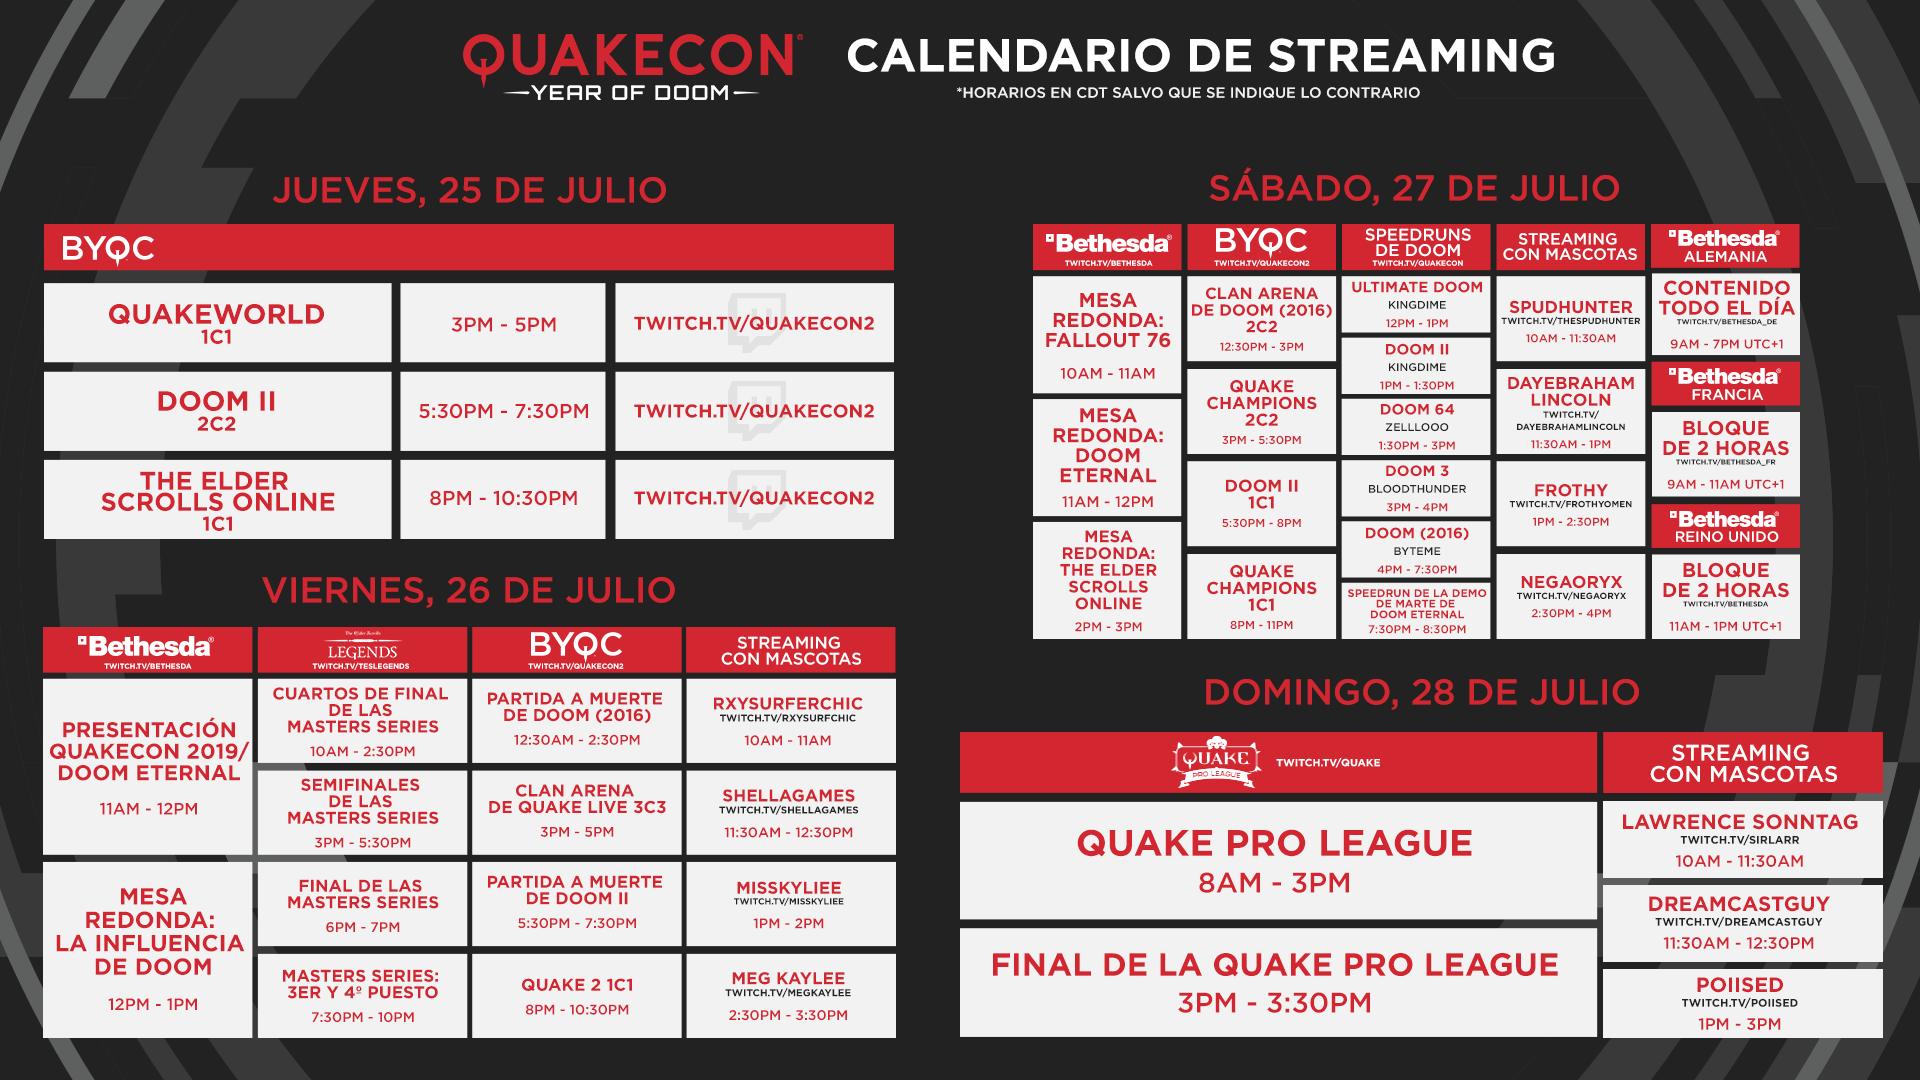 E3 Calendario.Twitch E3 2019 Calendario 14246 84 Quakecon 2019